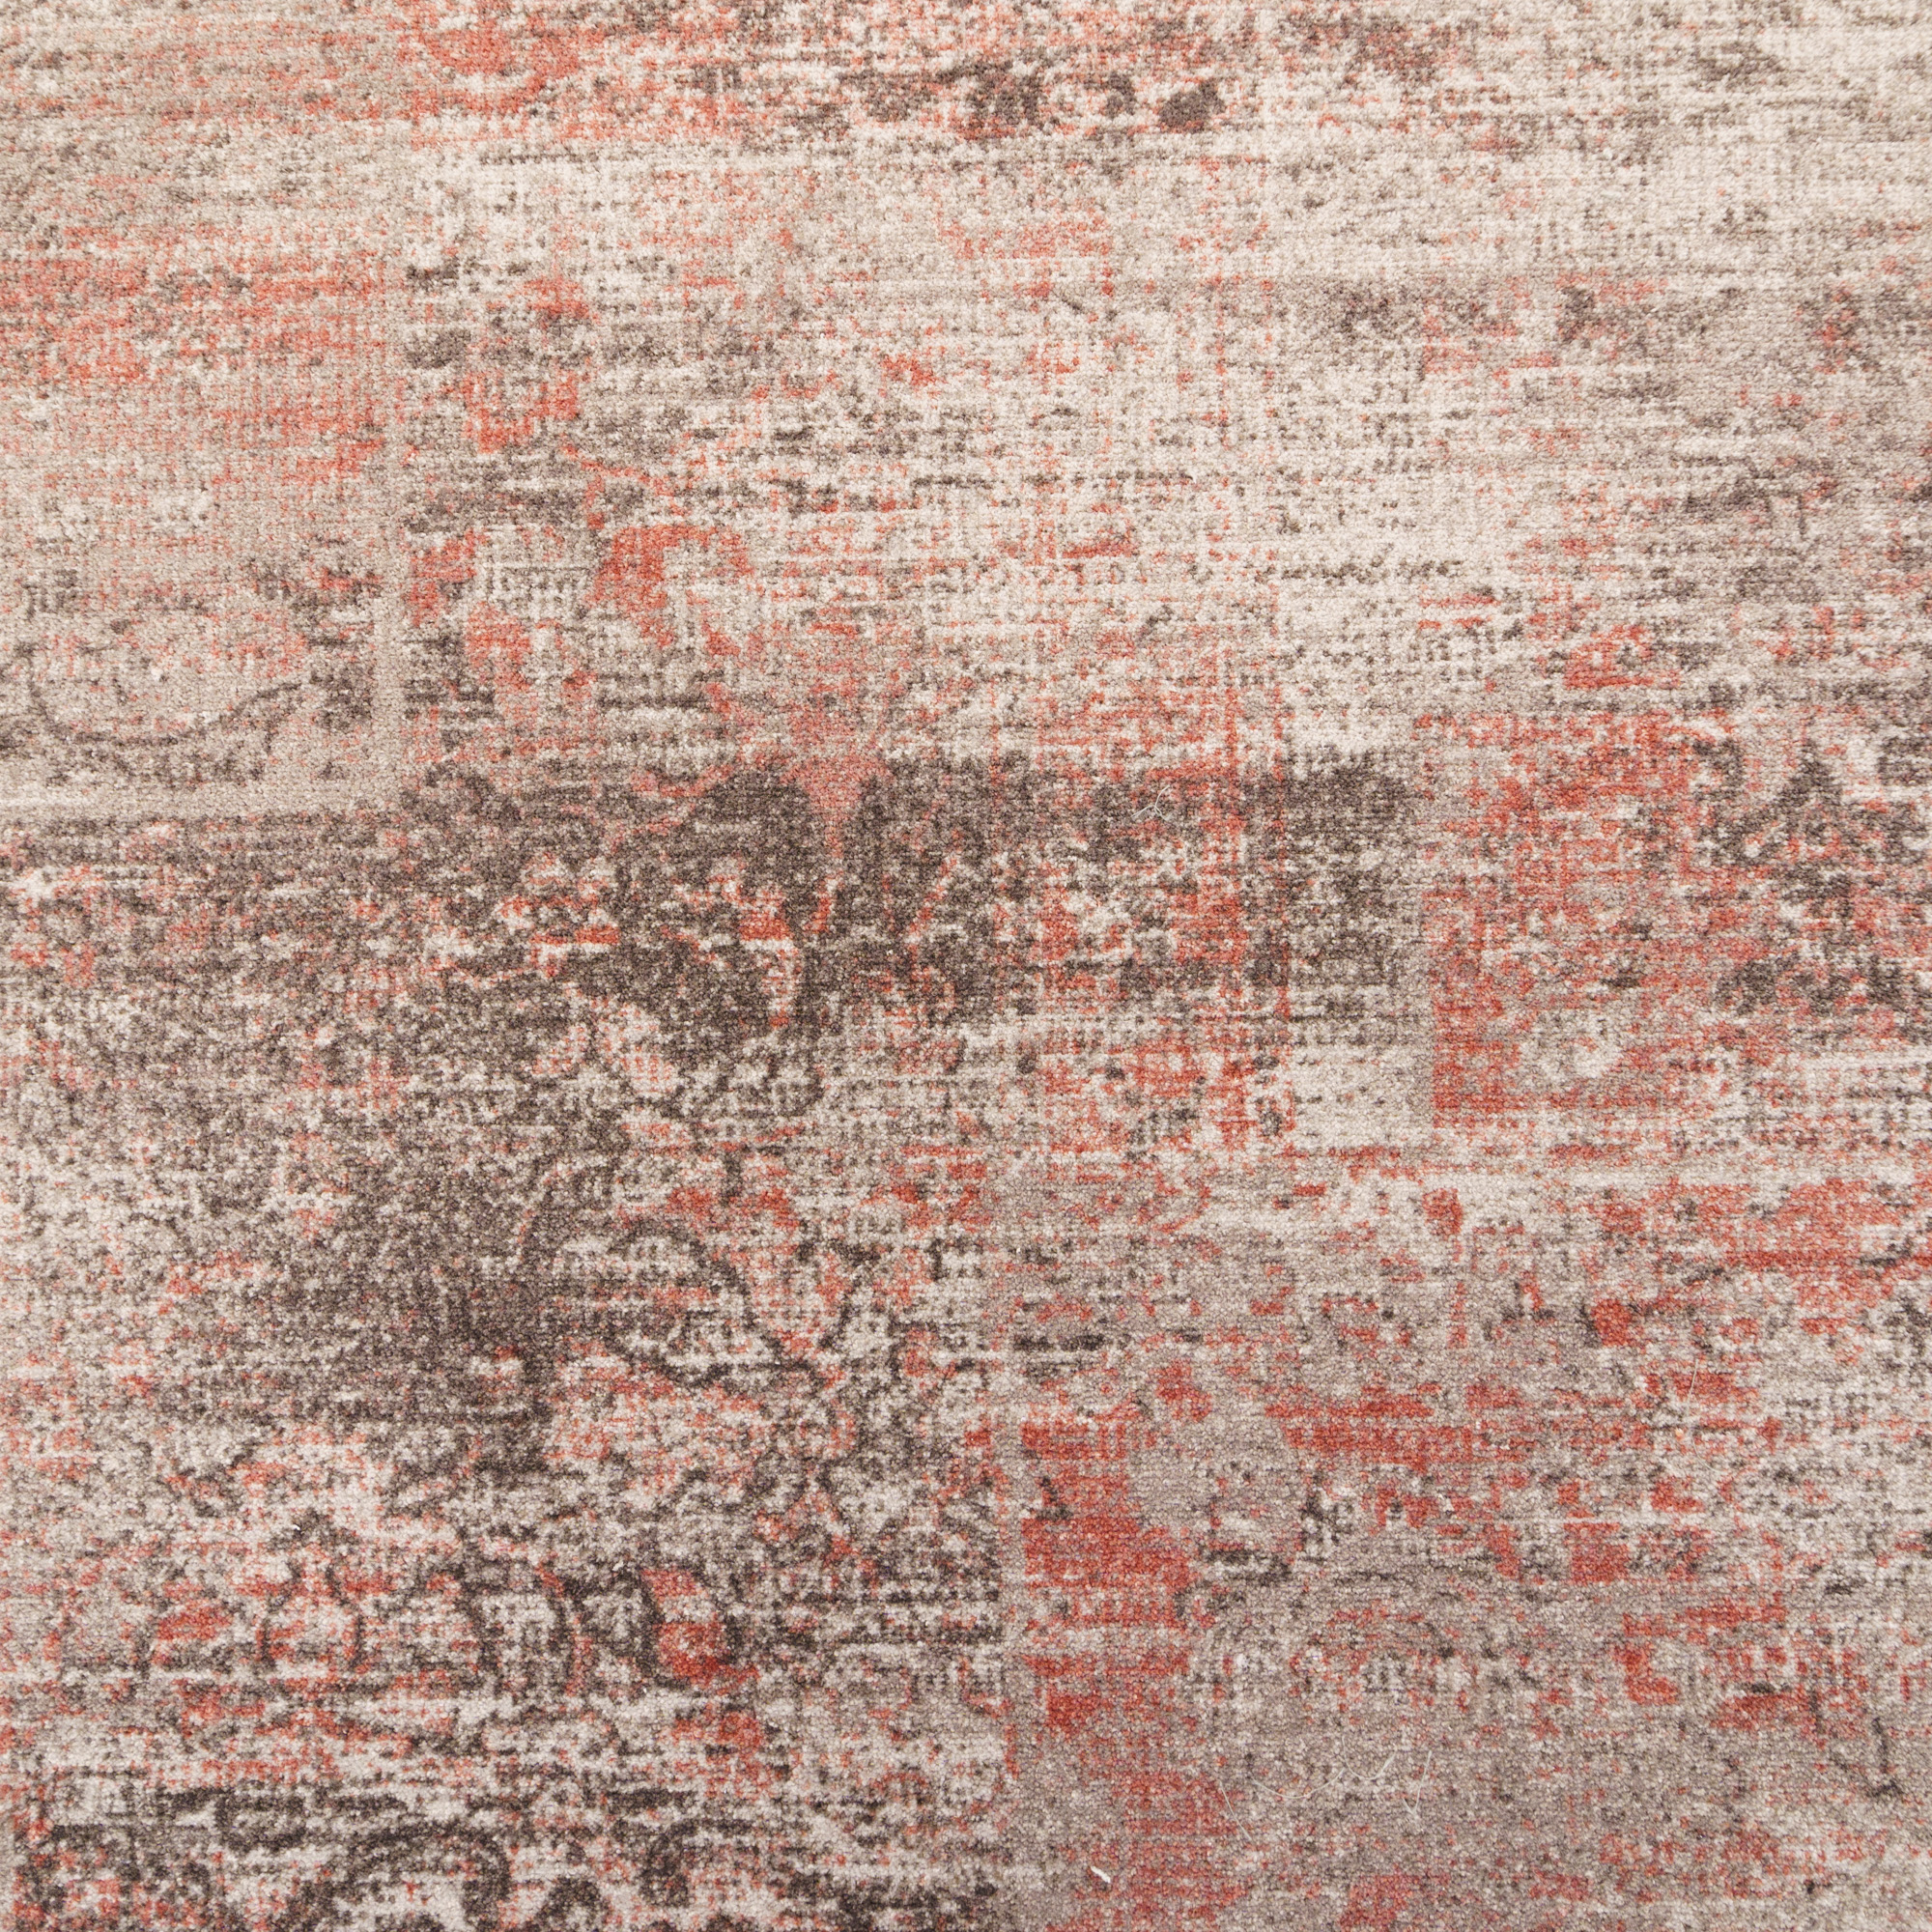 Vintage Vloerkleed Raw Greige Terra